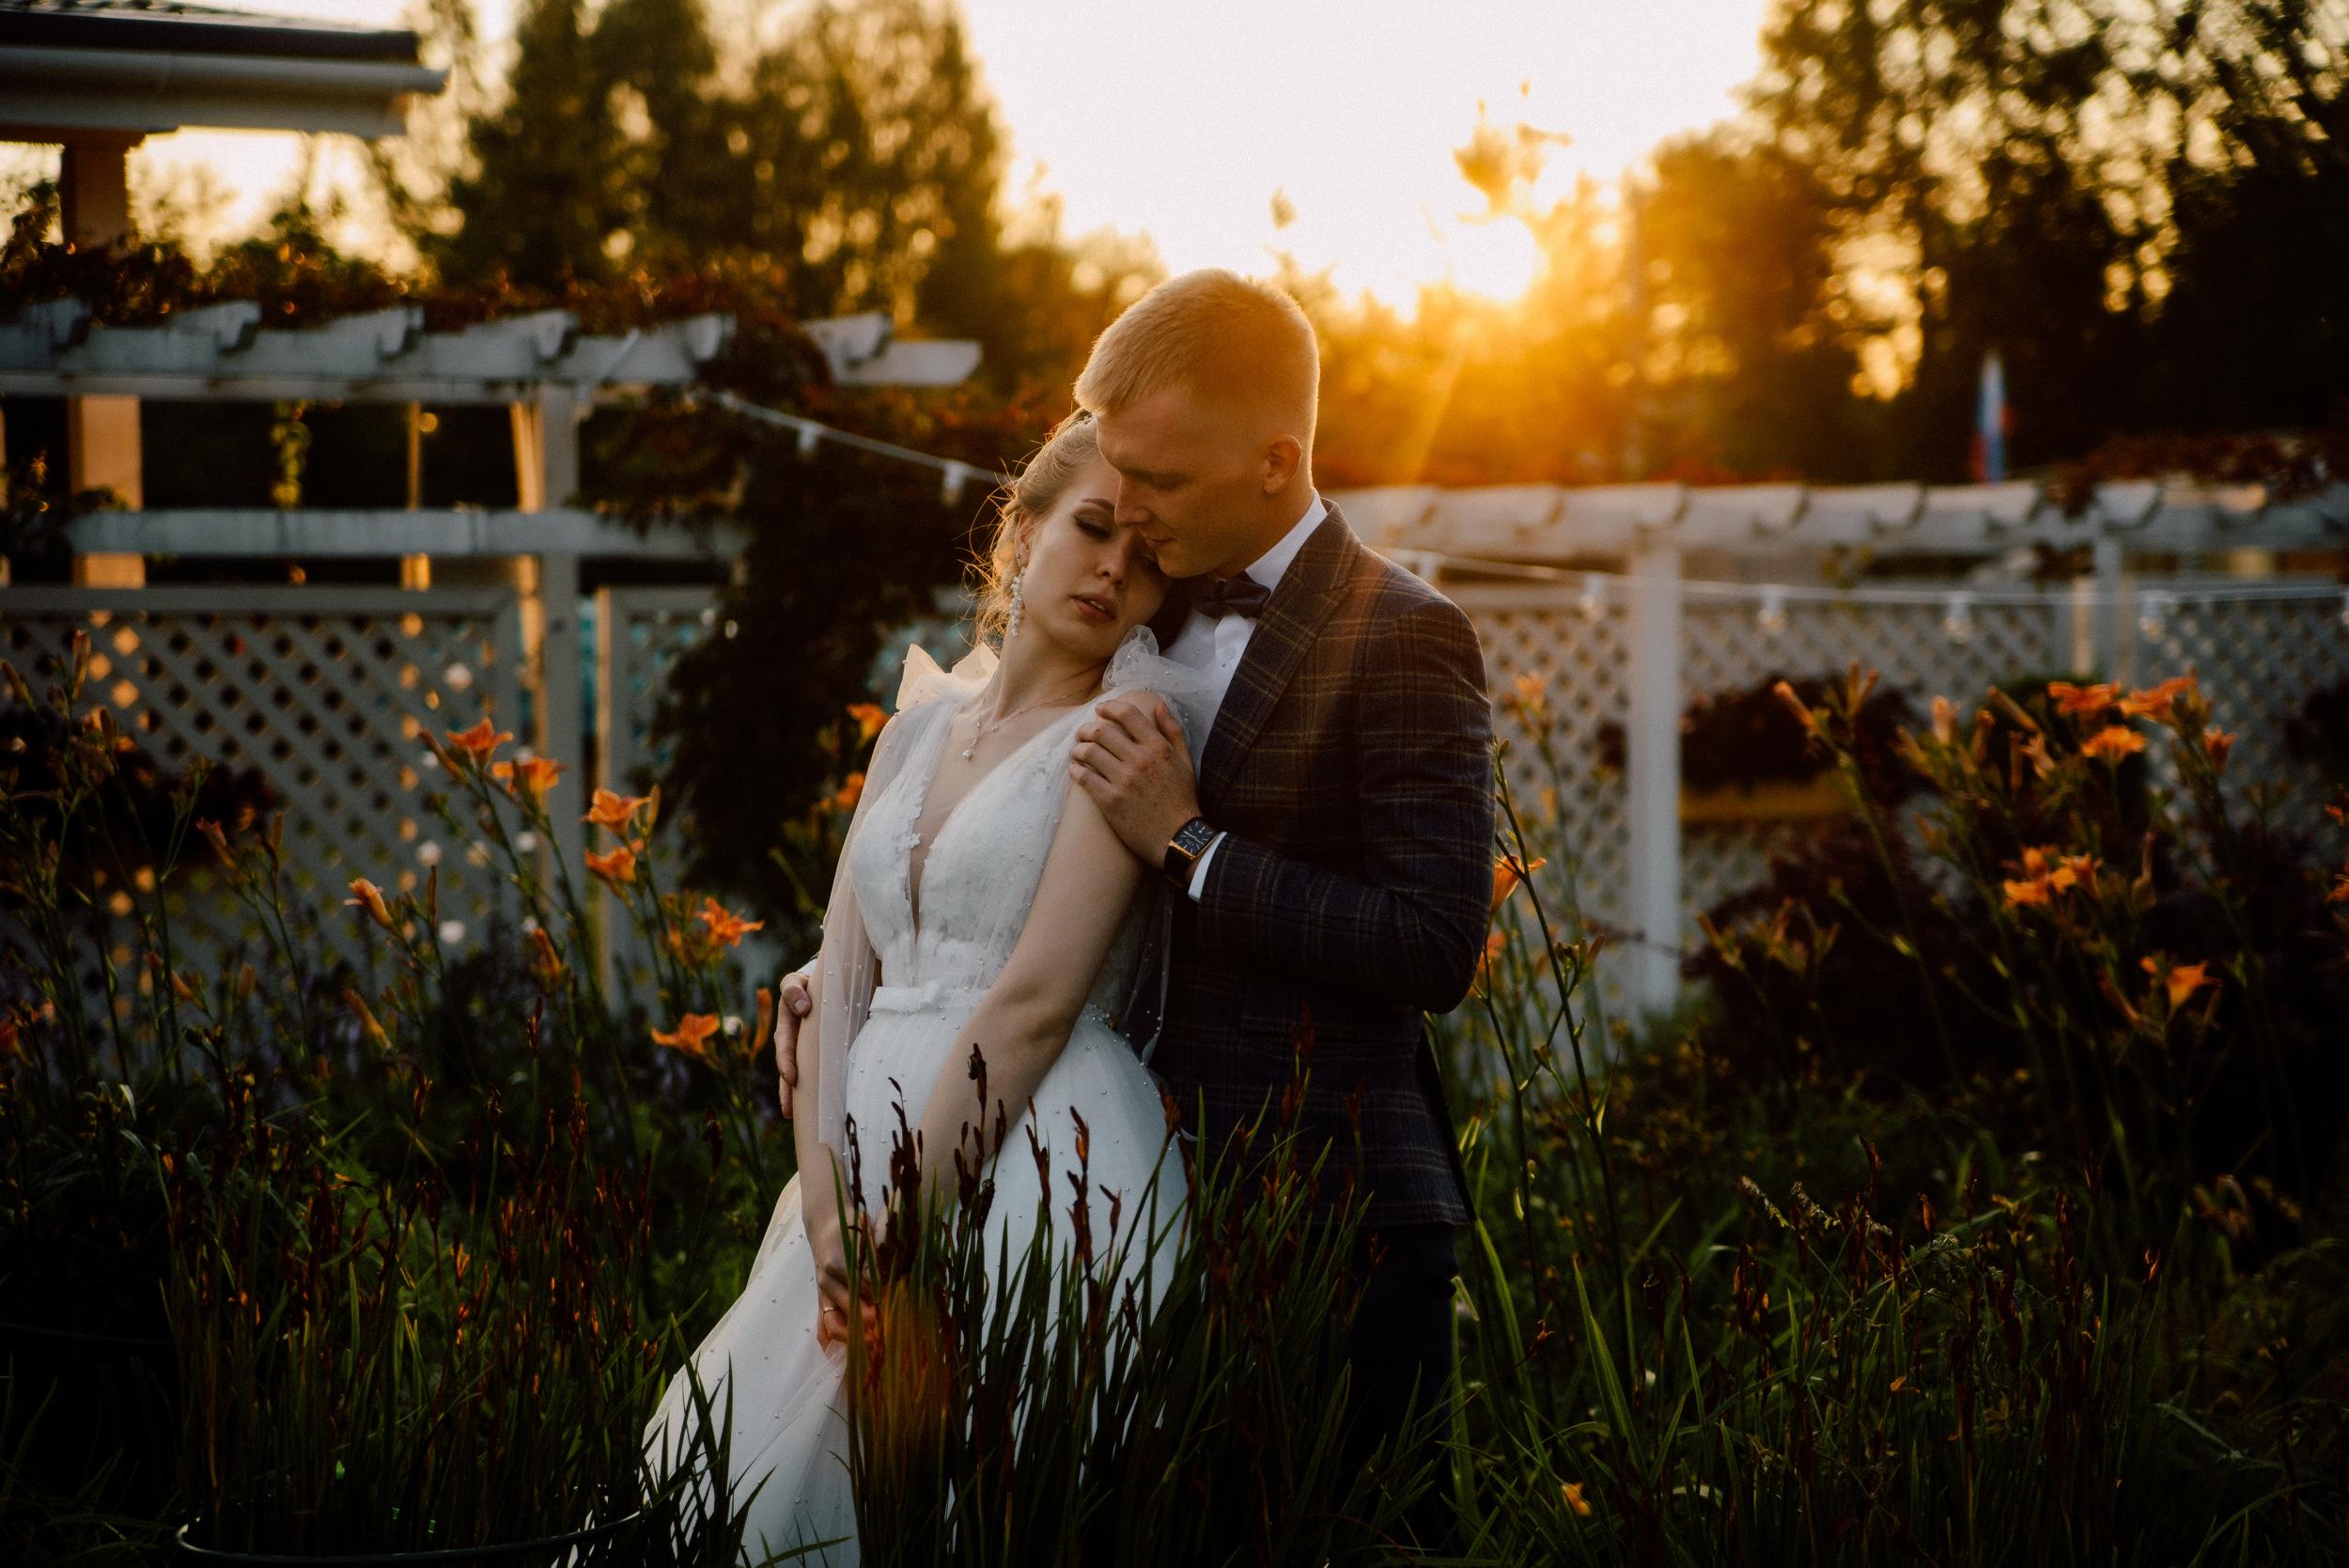 система свадебные фотографы спб недорого поднявшись